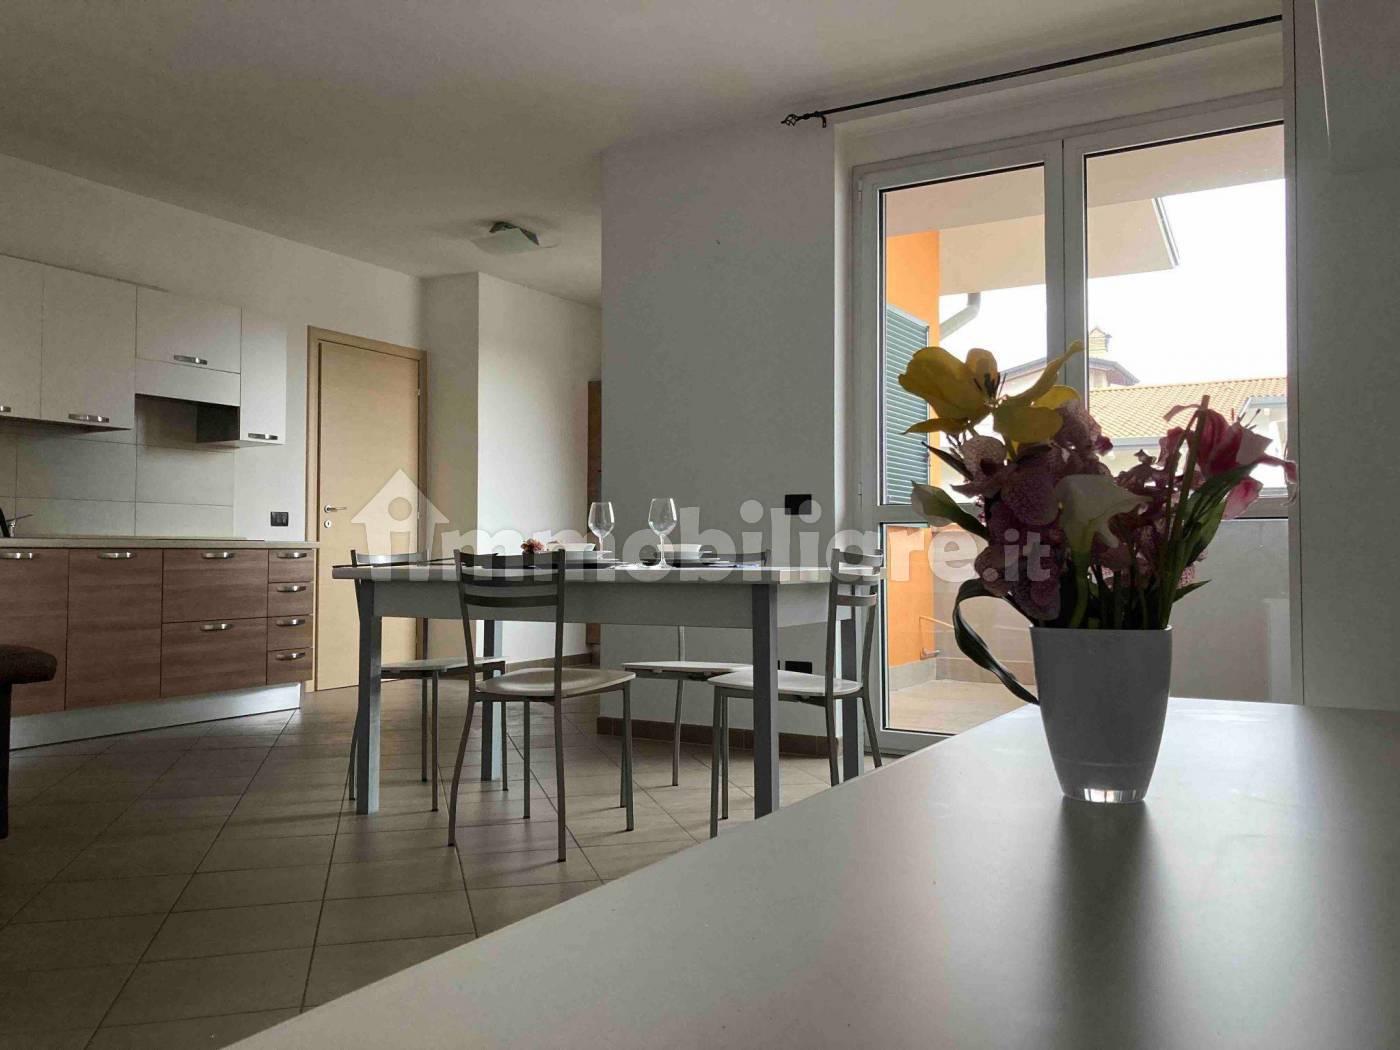 Appartamento in vendita a Bedizzole, 3 locali, prezzo € 173.000   PortaleAgenzieImmobiliari.it